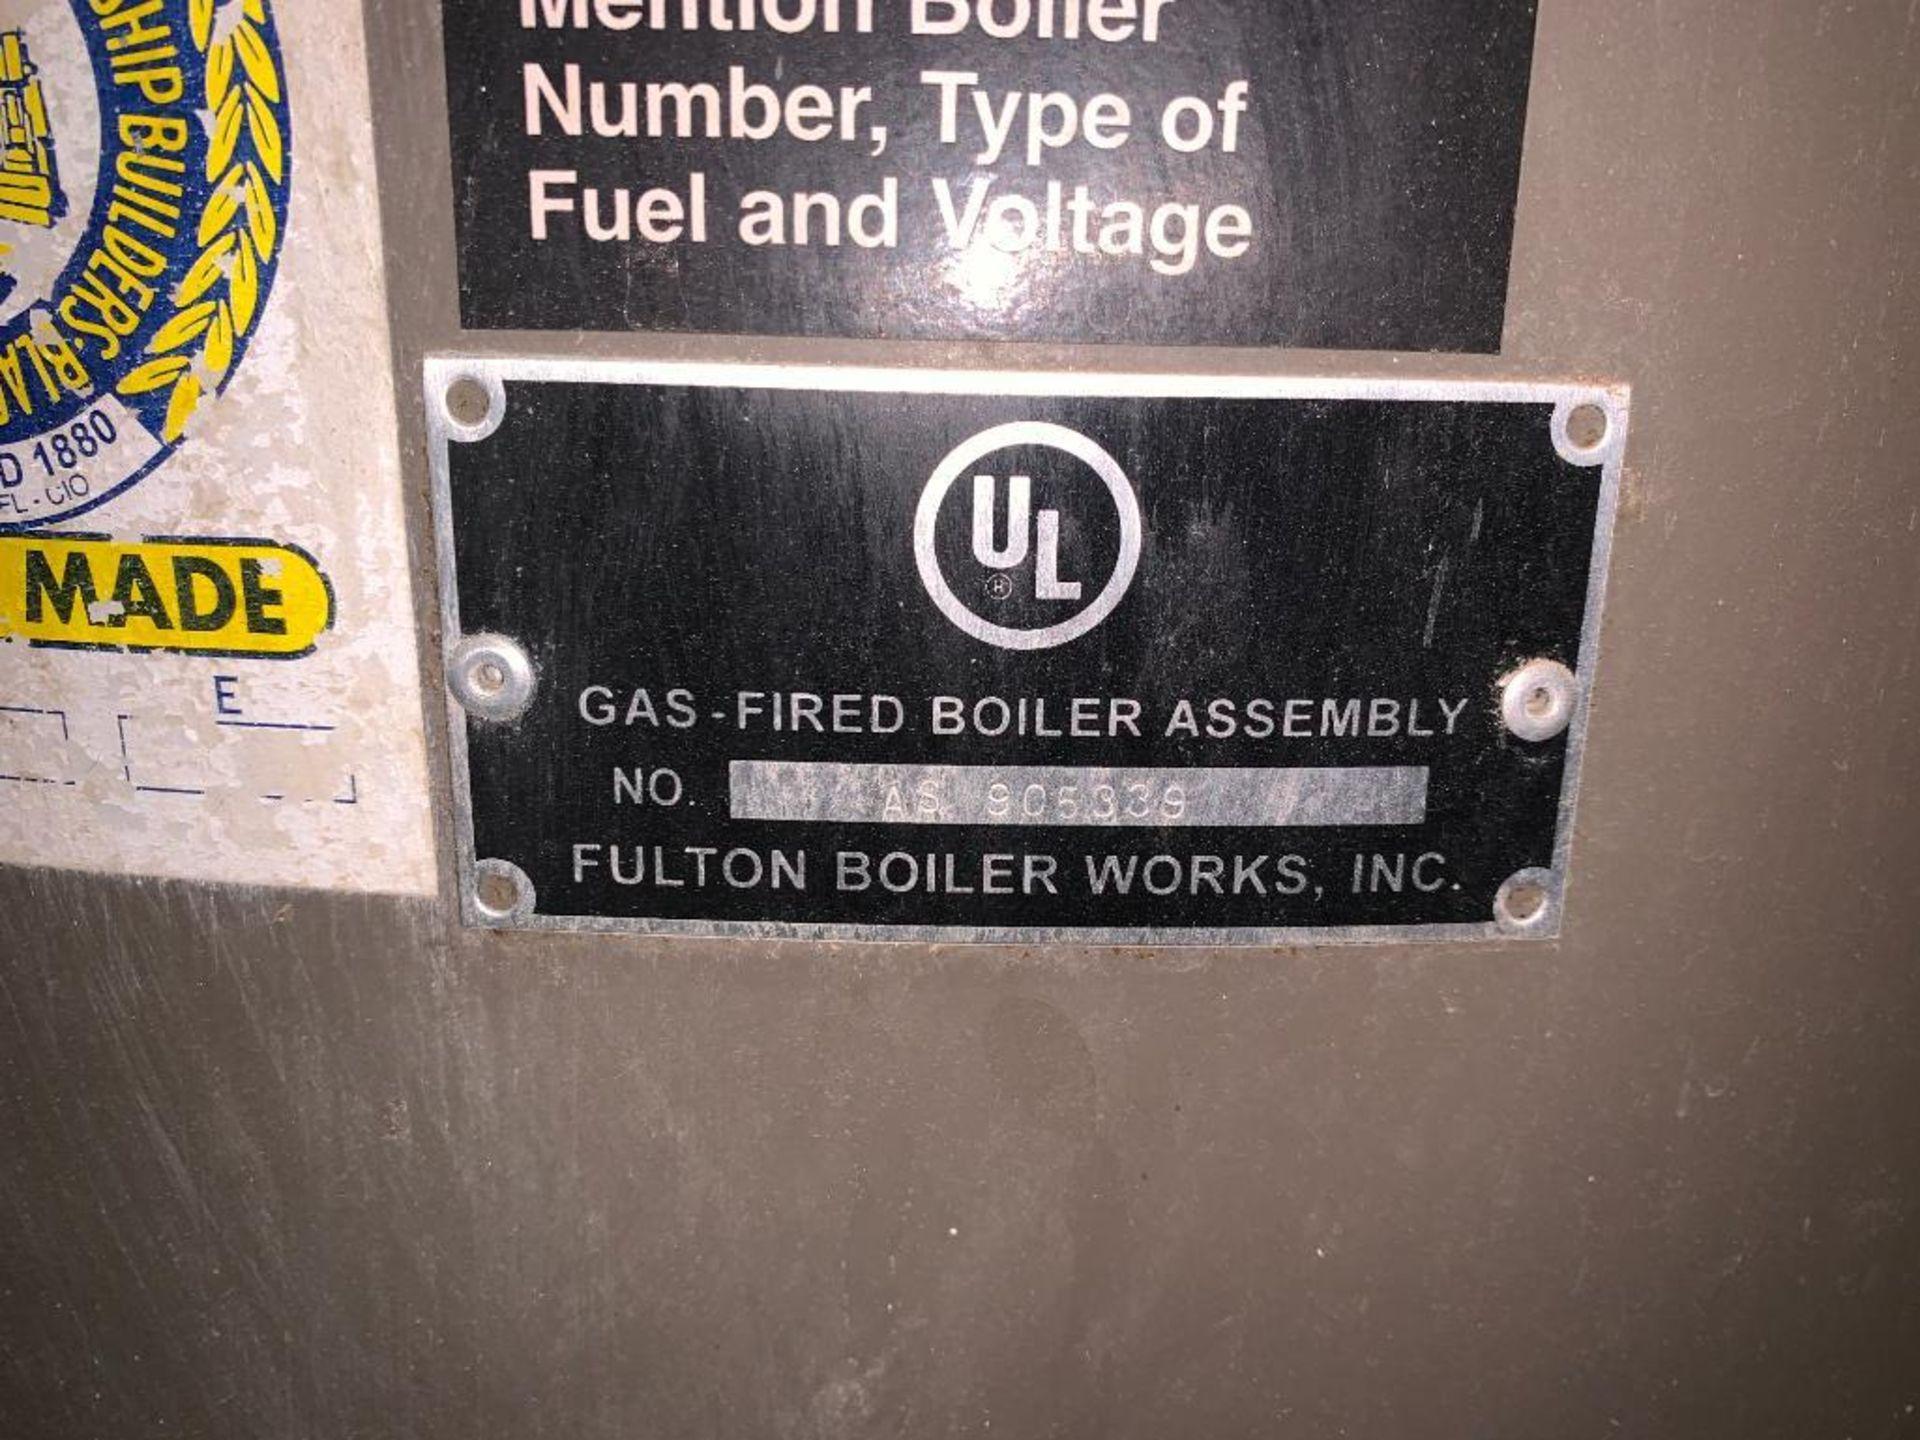 2014 Fulton steam boiler - Image 5 of 23